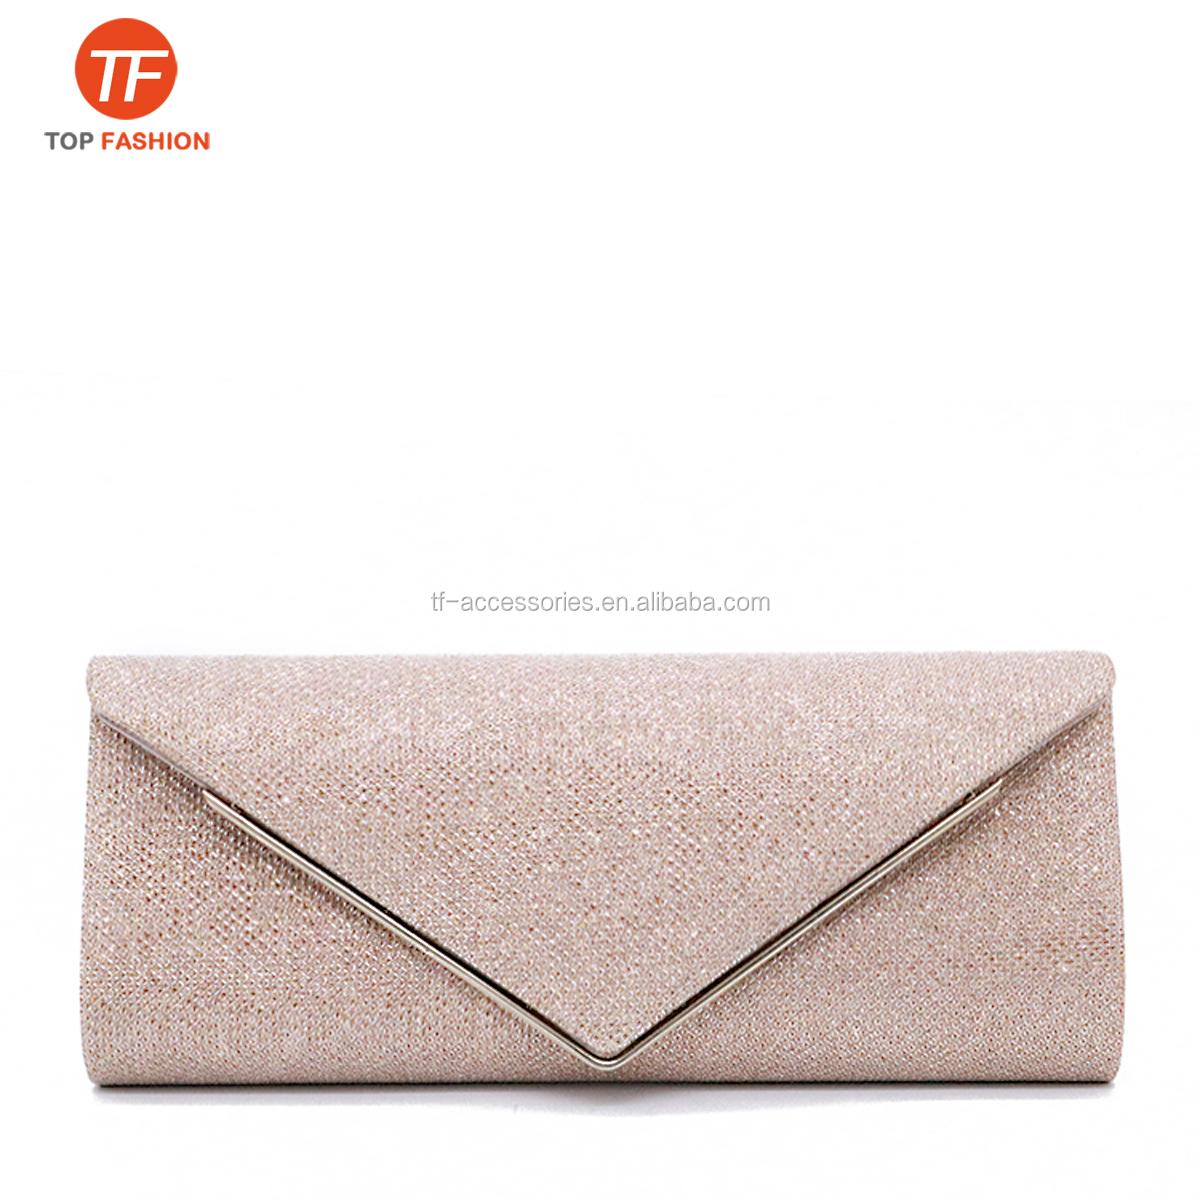 Nuevo Duro Brillante Brillo compacto para Mujer Noche Graduación Embrague Bag